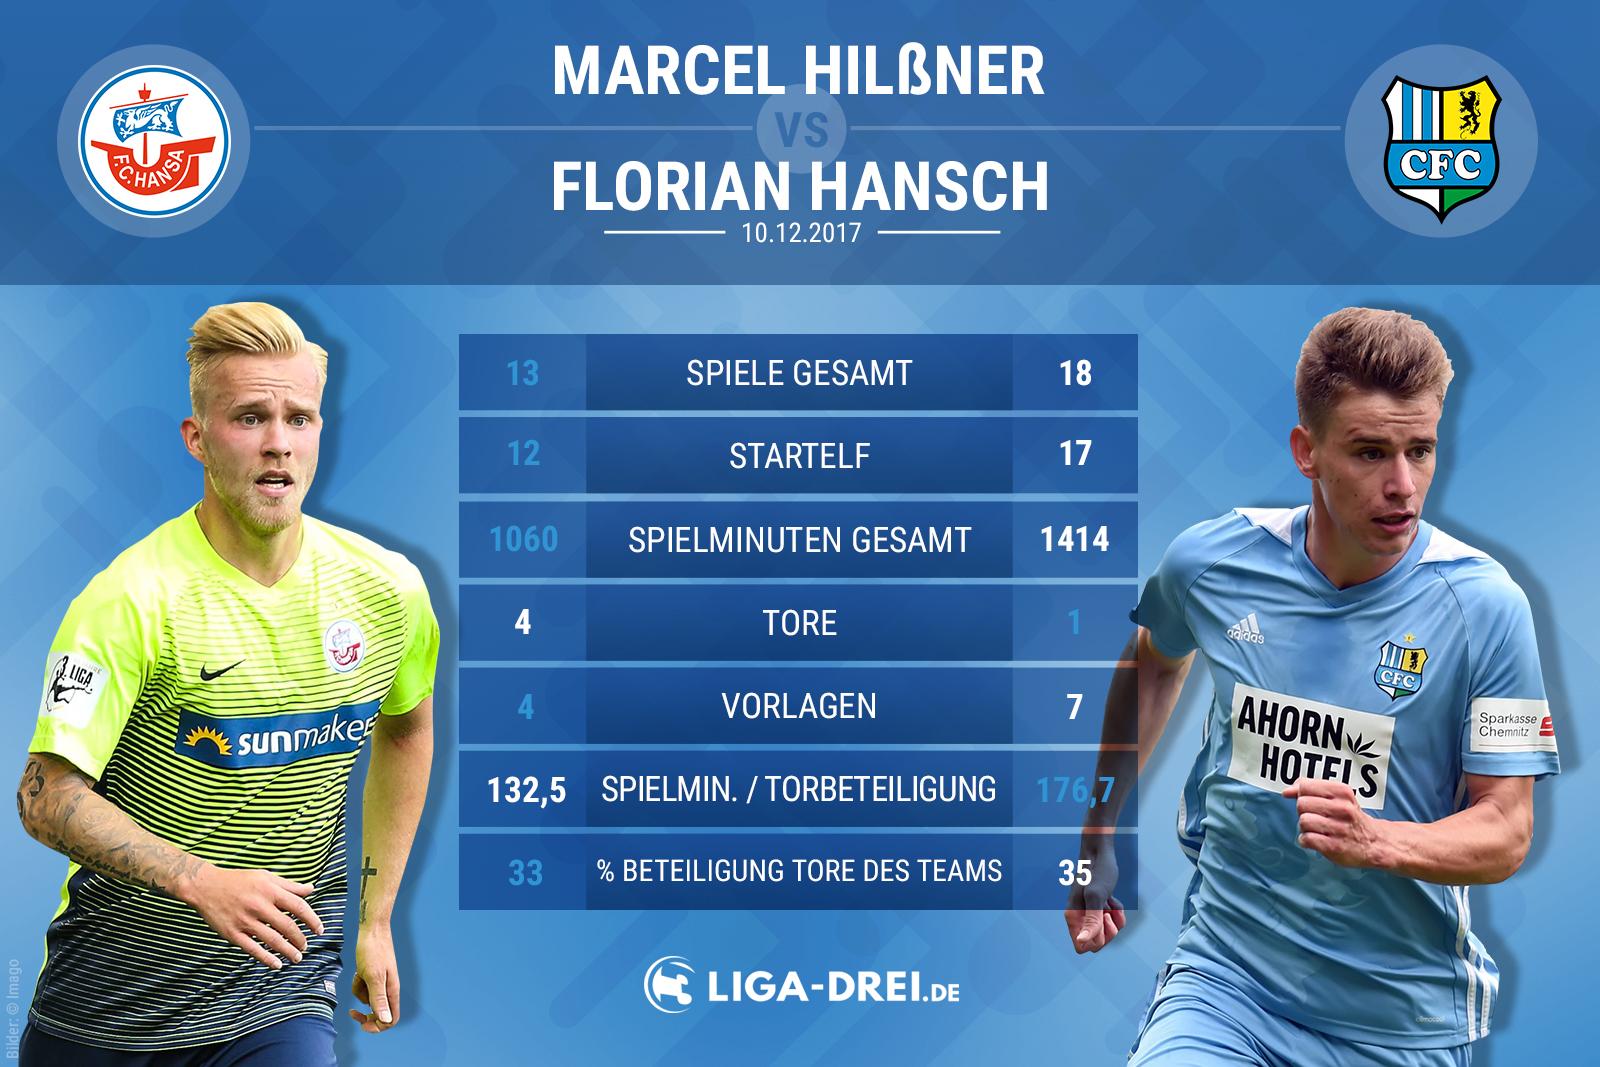 Spielervergleich zwischen Hilßner und Hansch